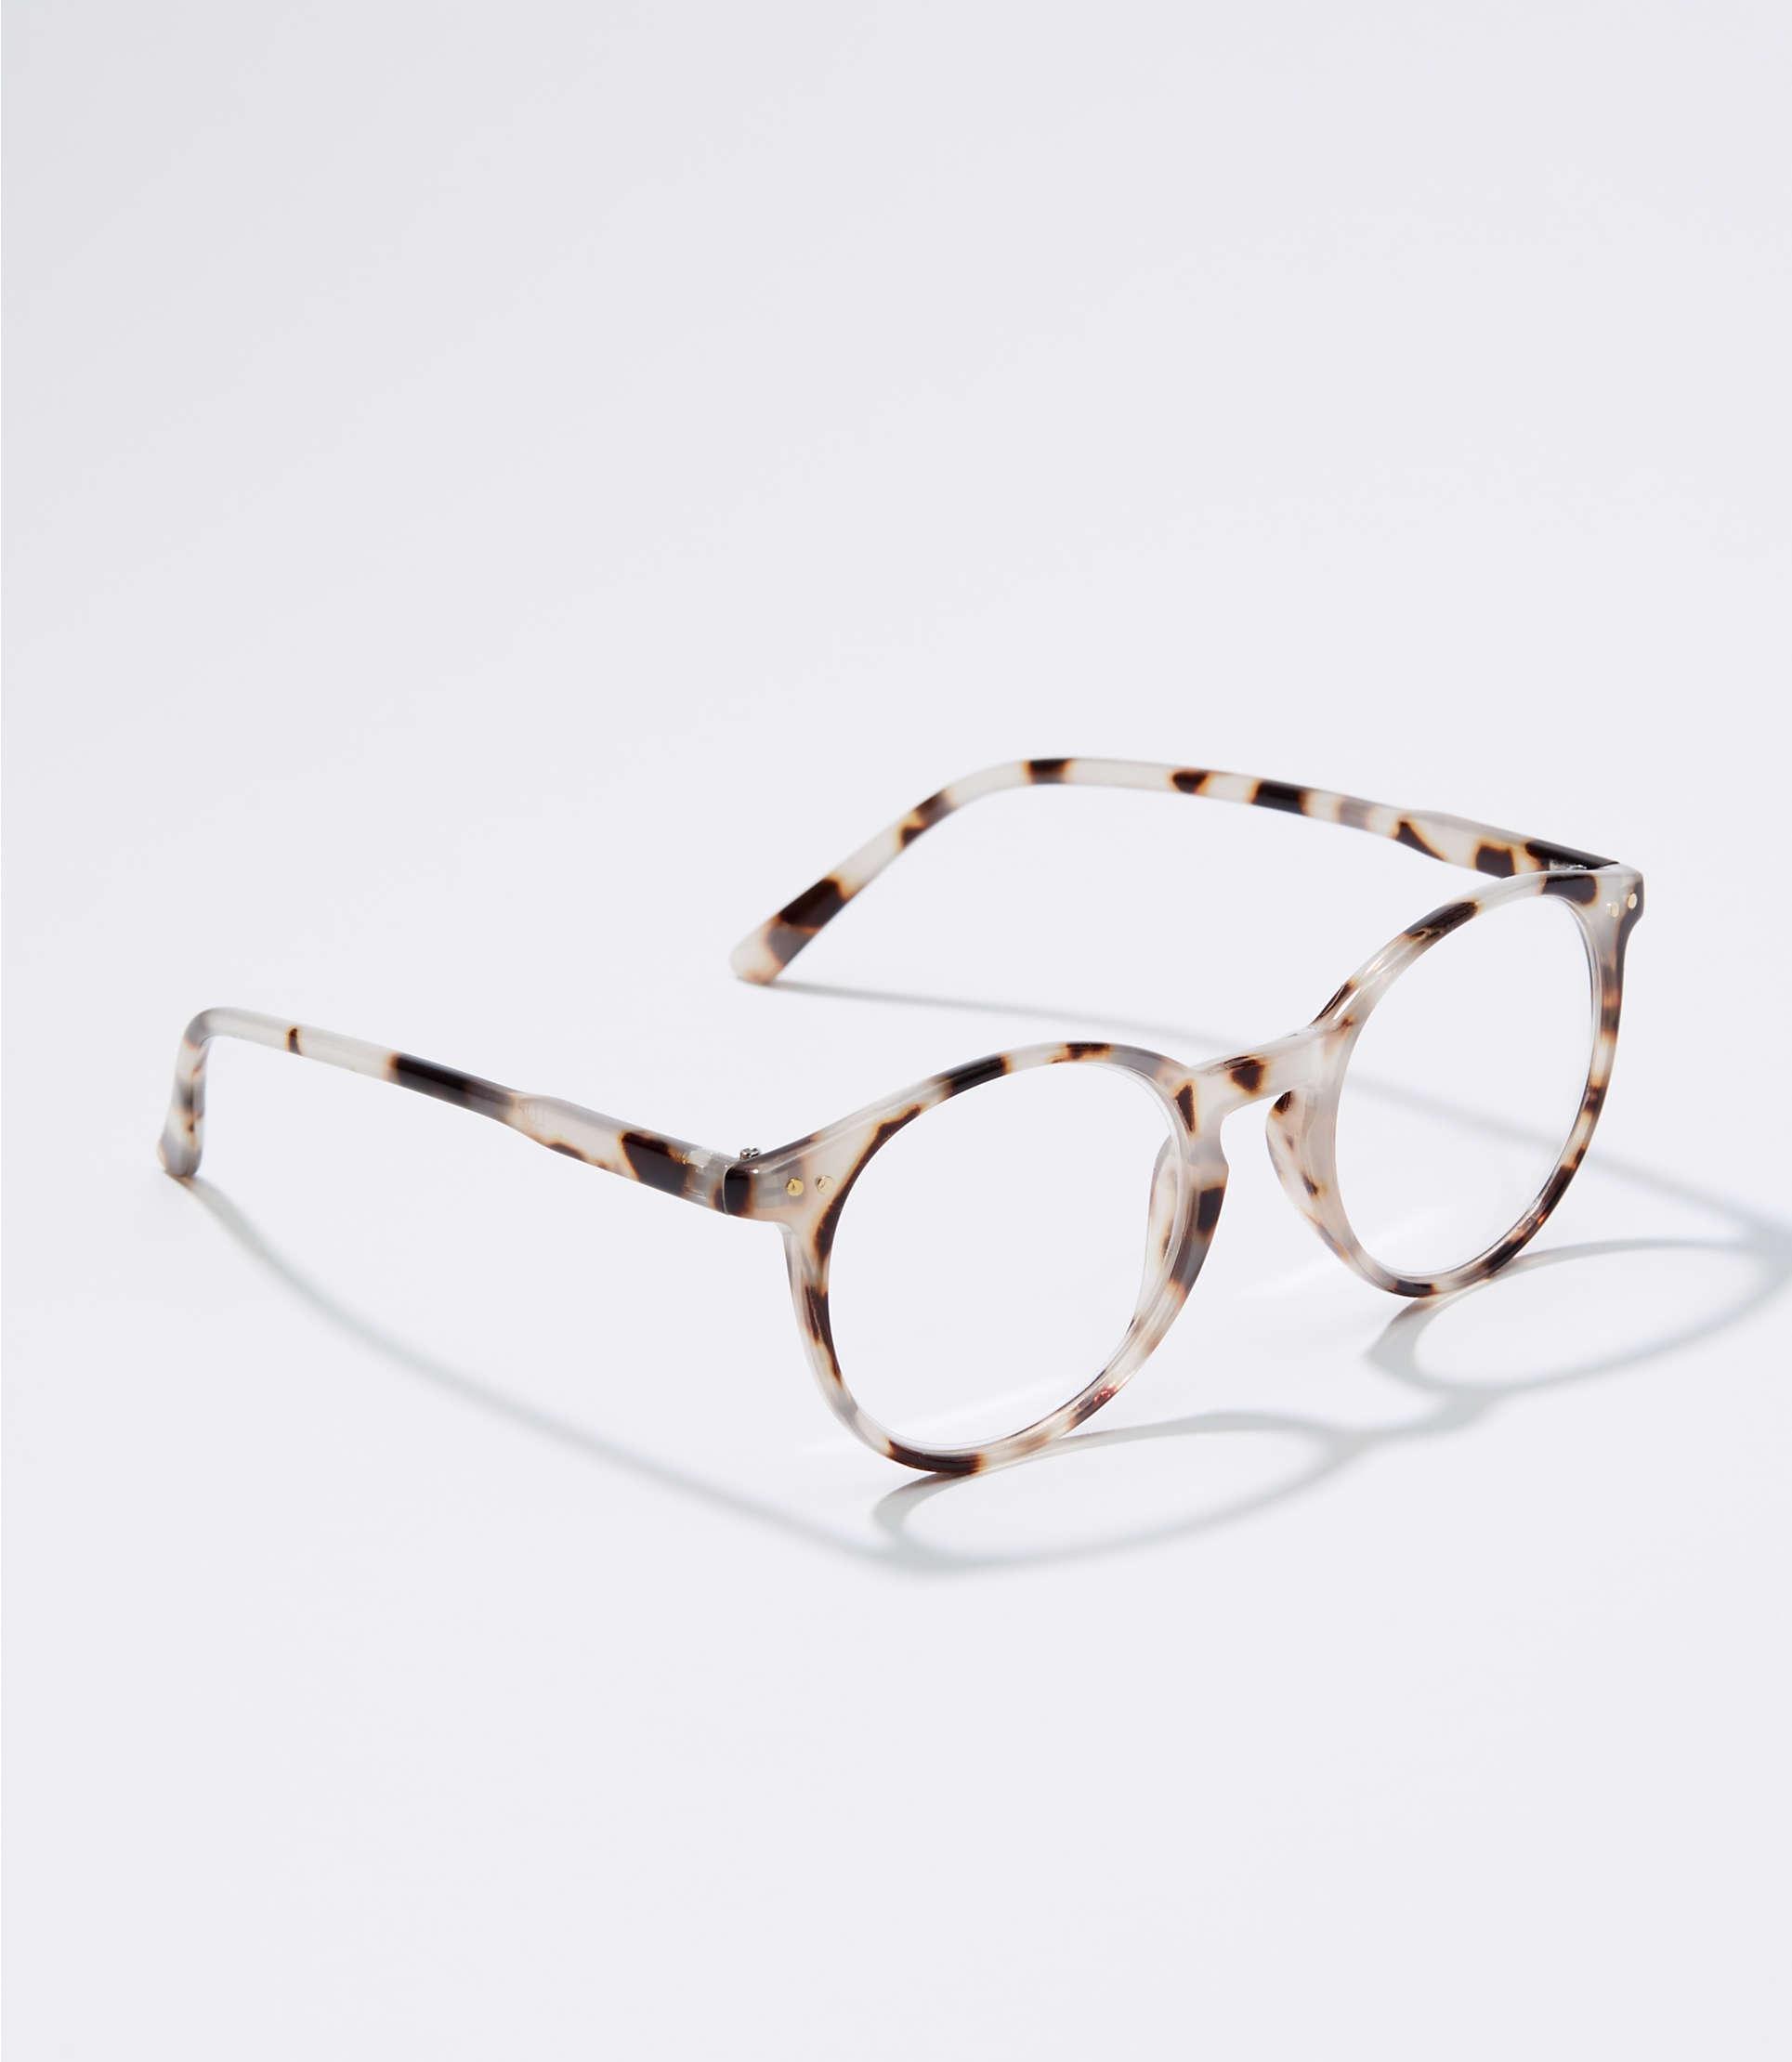 dd623119b3 LOFT. Women s Tortoiseshell Print Round Reading Glasses